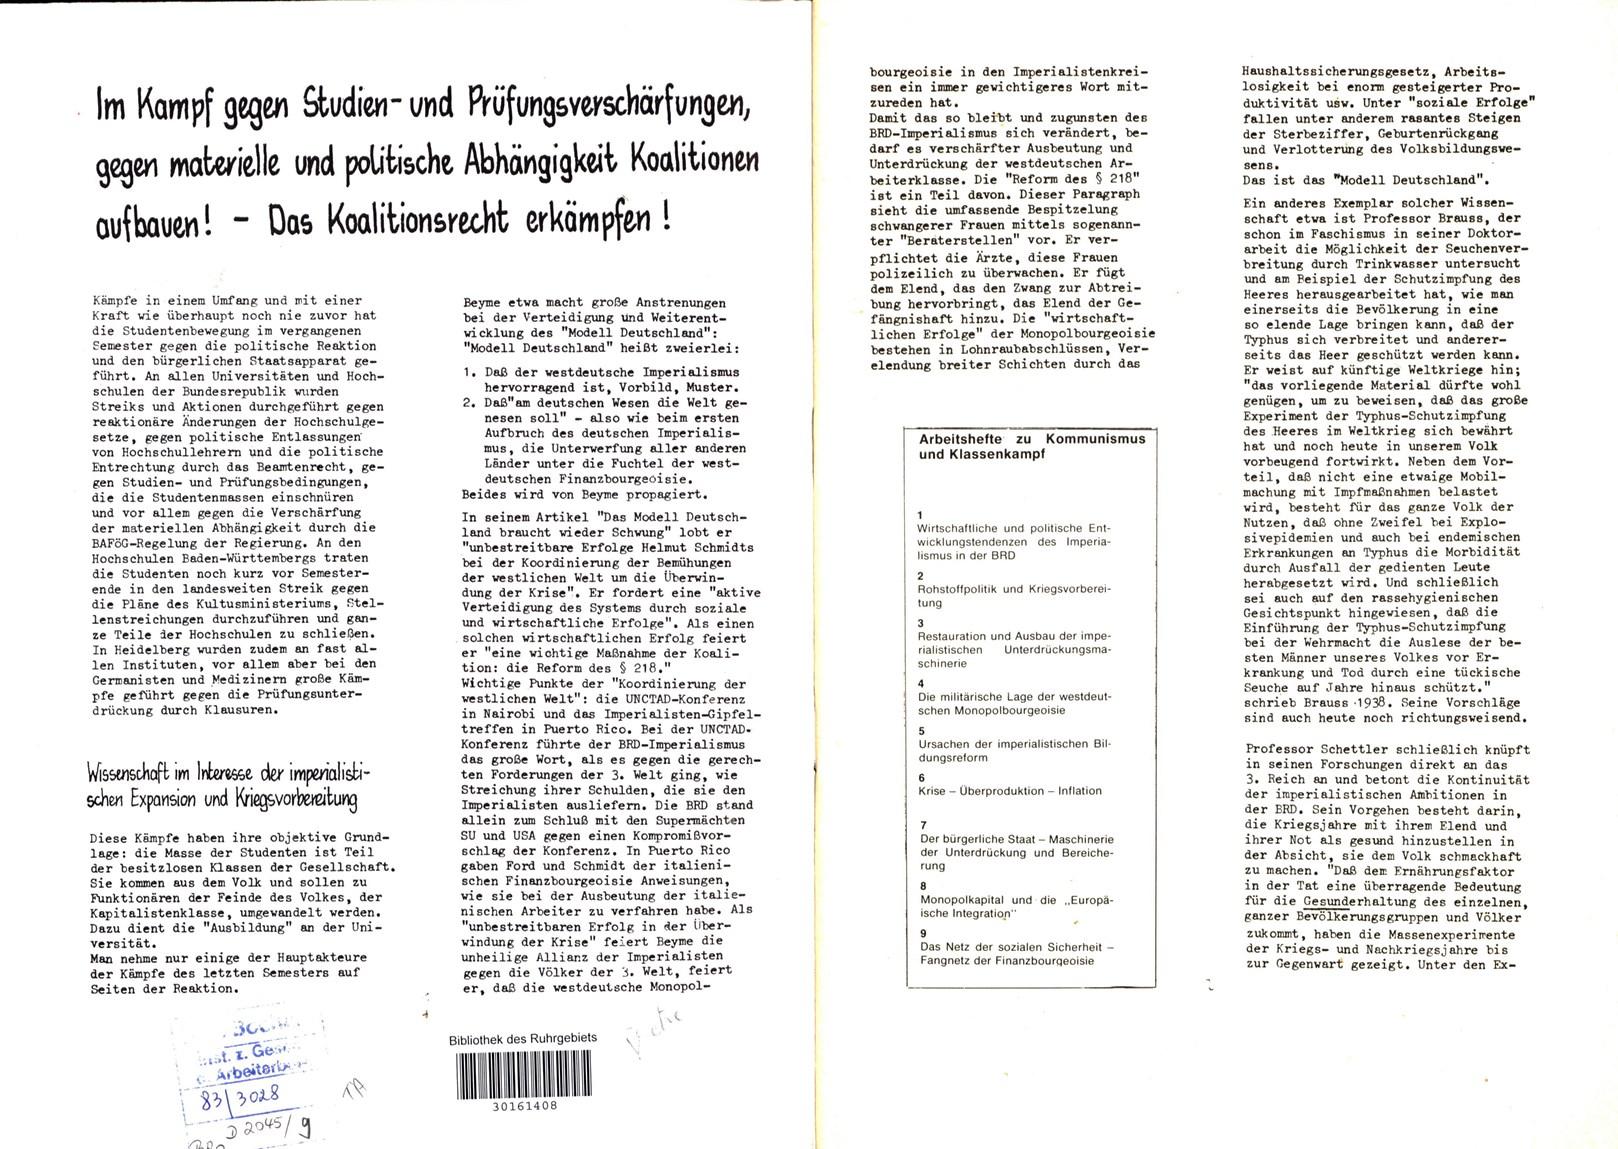 Heidelberg_KHG_1977_Chronik_WS_1976_77_02